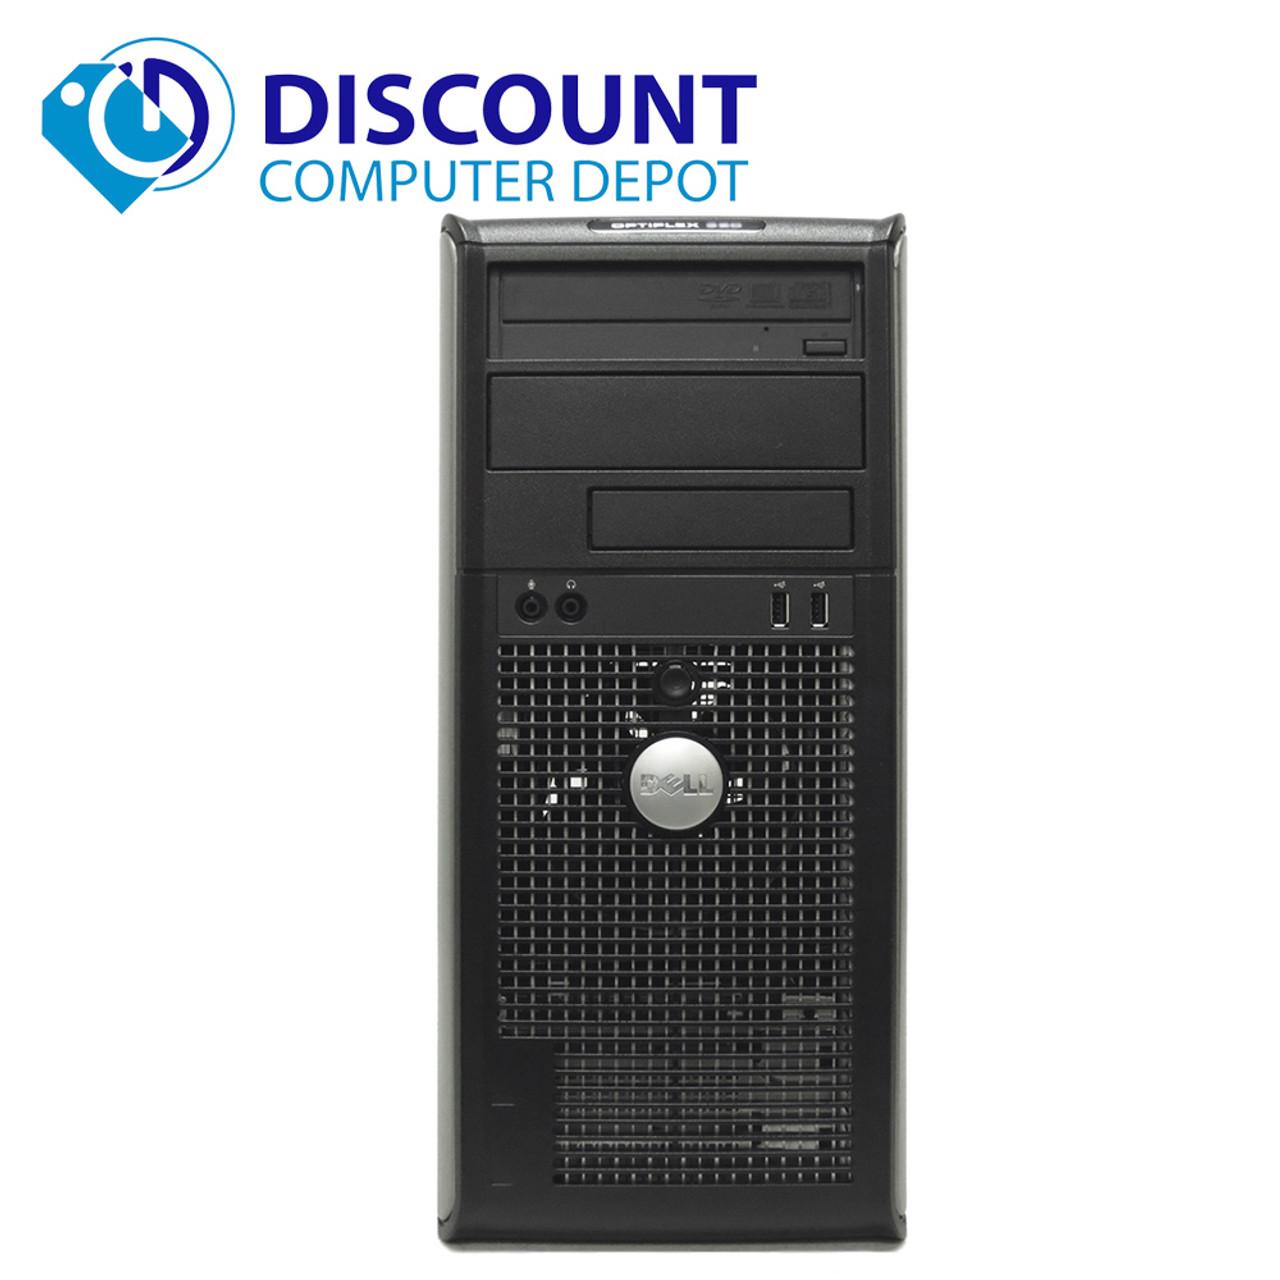 FAST Dell Optiplex 760 Windows 10 Desktop Computer Tower C2D 4GB DVD WiFi  17